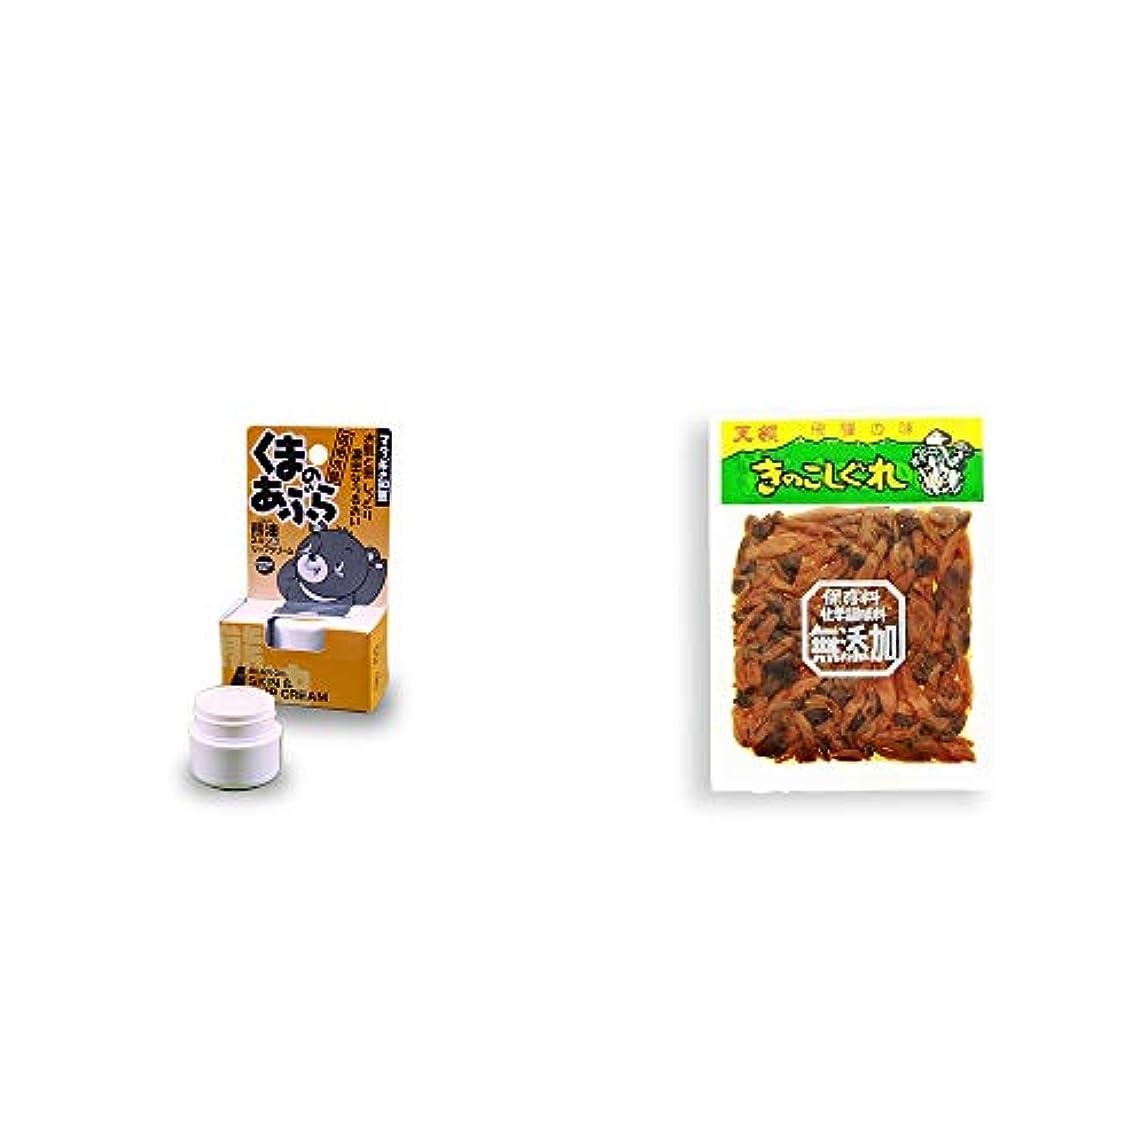 征服するオフピクニックをする[2点セット] 信州木曽 くまのあぶら 熊油スキン&リップクリーム(9g)?天領酒造 きのこしぐれ(110g)